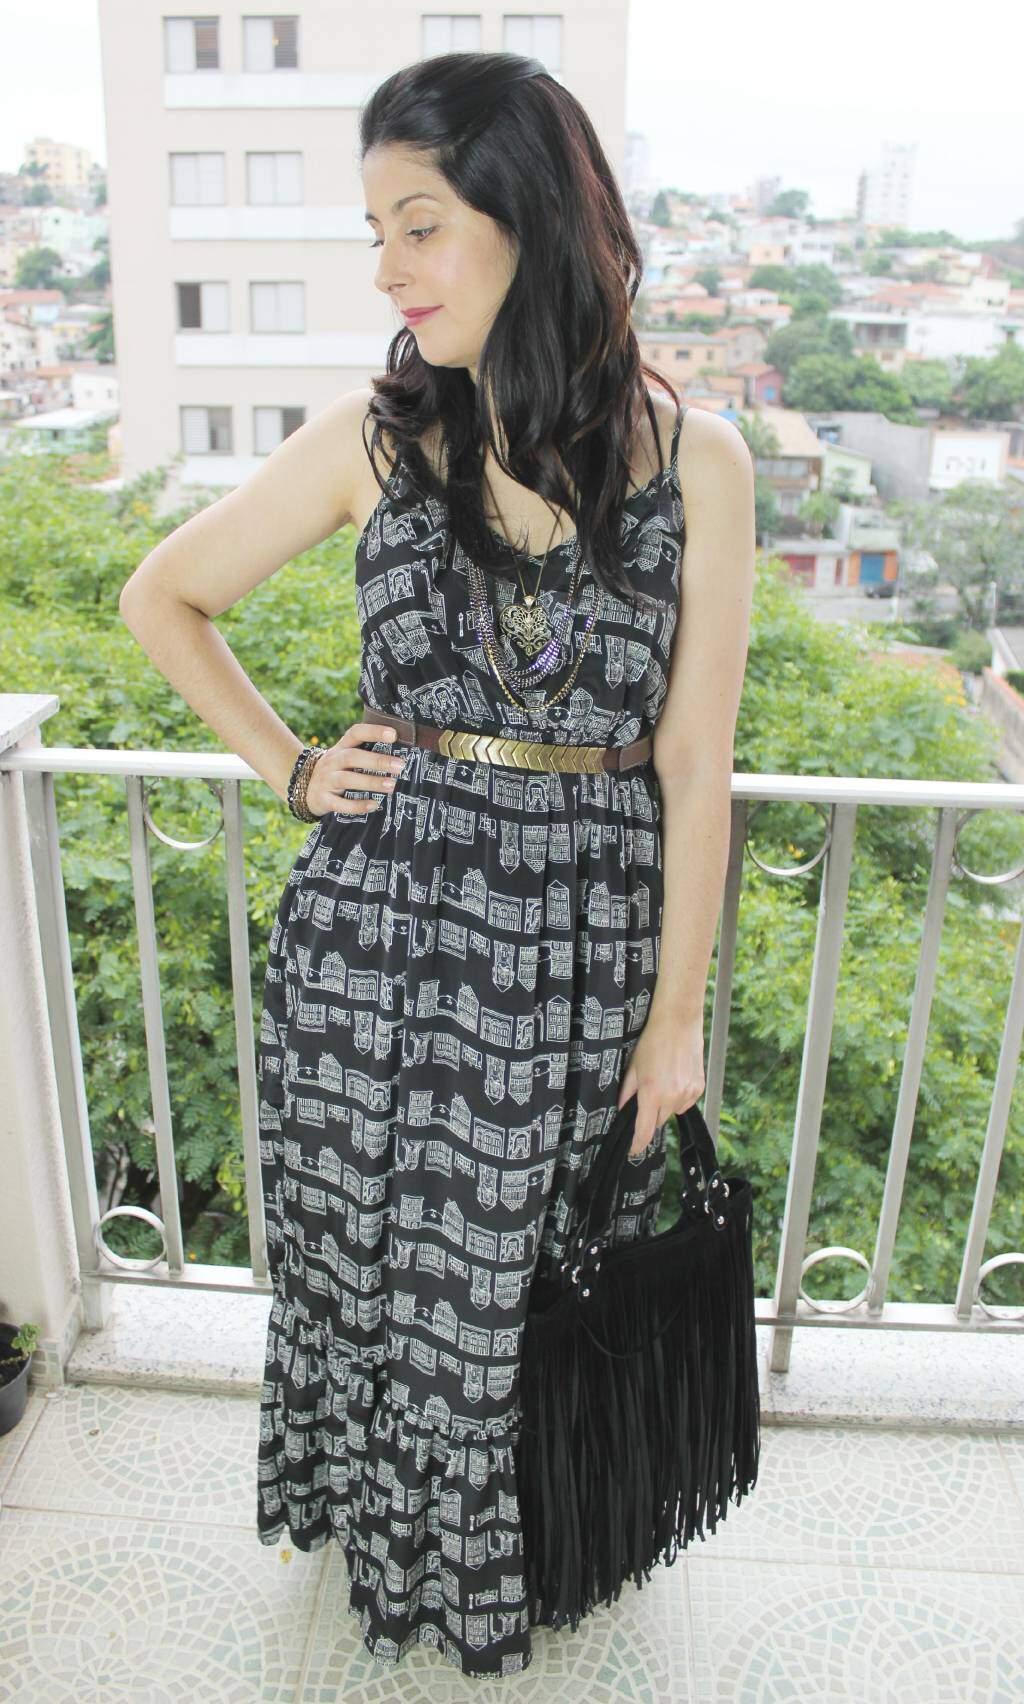 vestido longo_look_blog el ropero